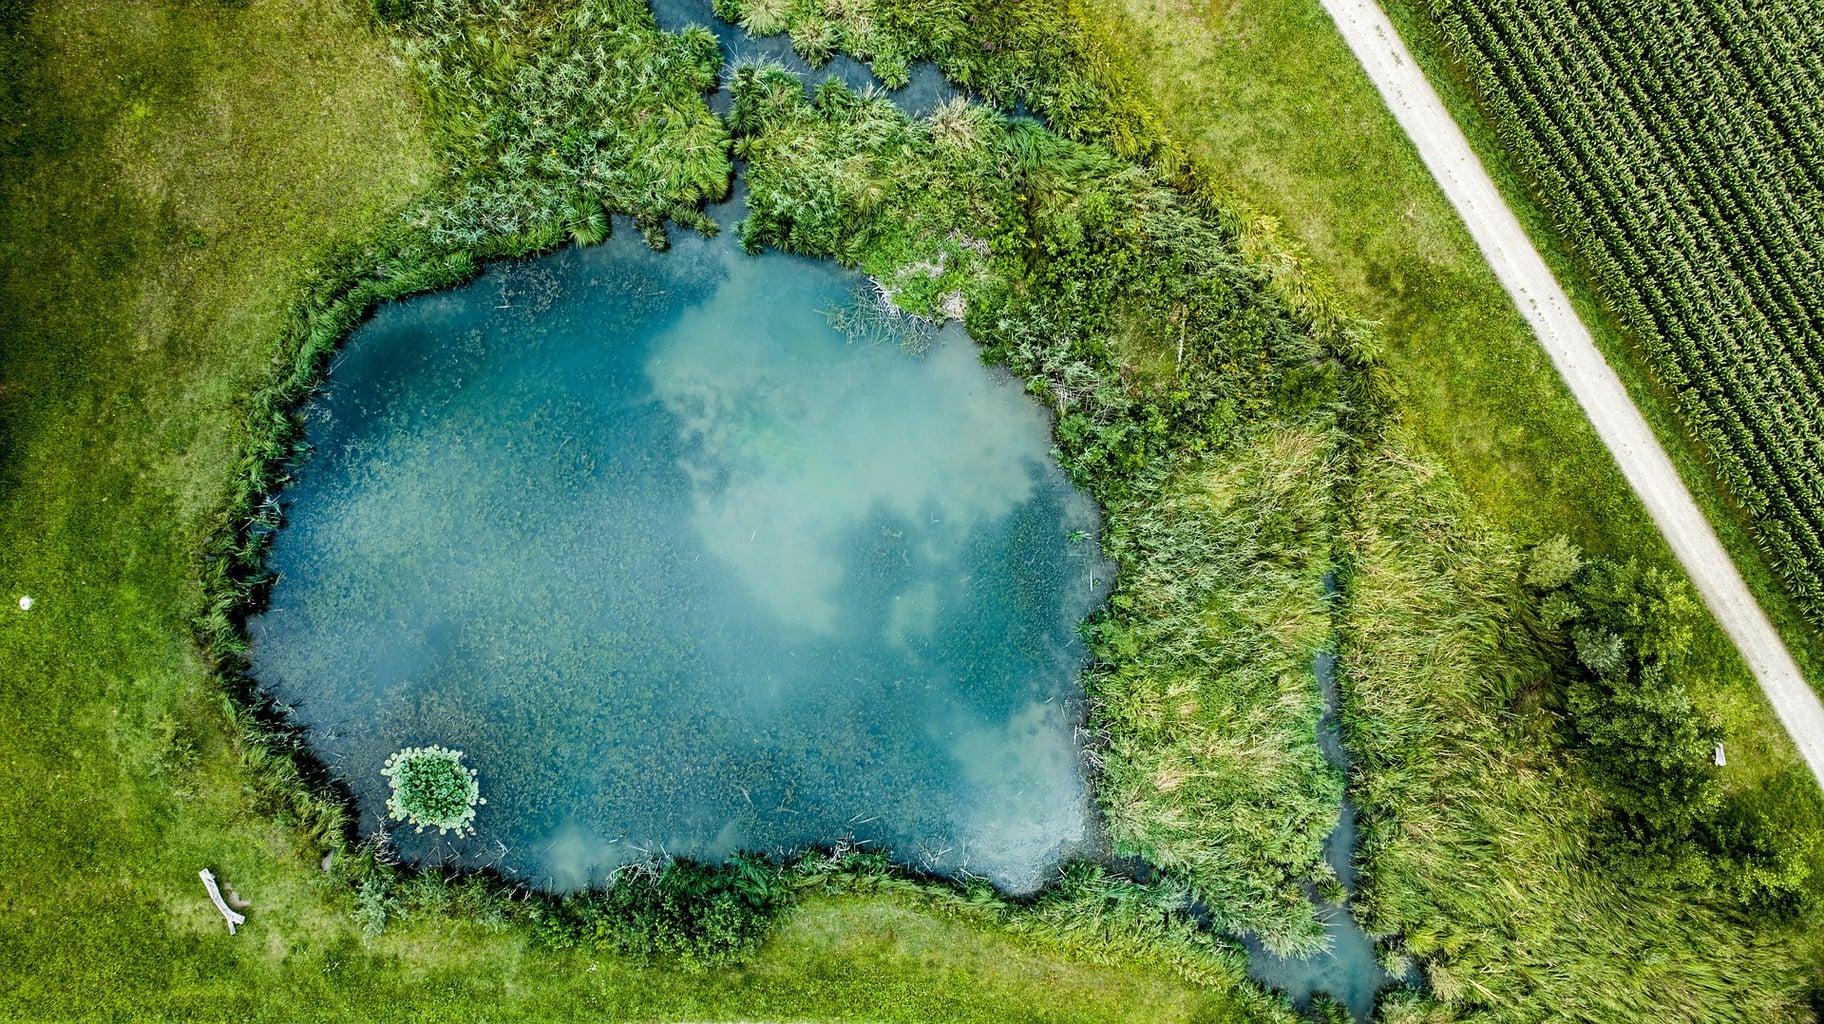 fotografía aérea de un charco